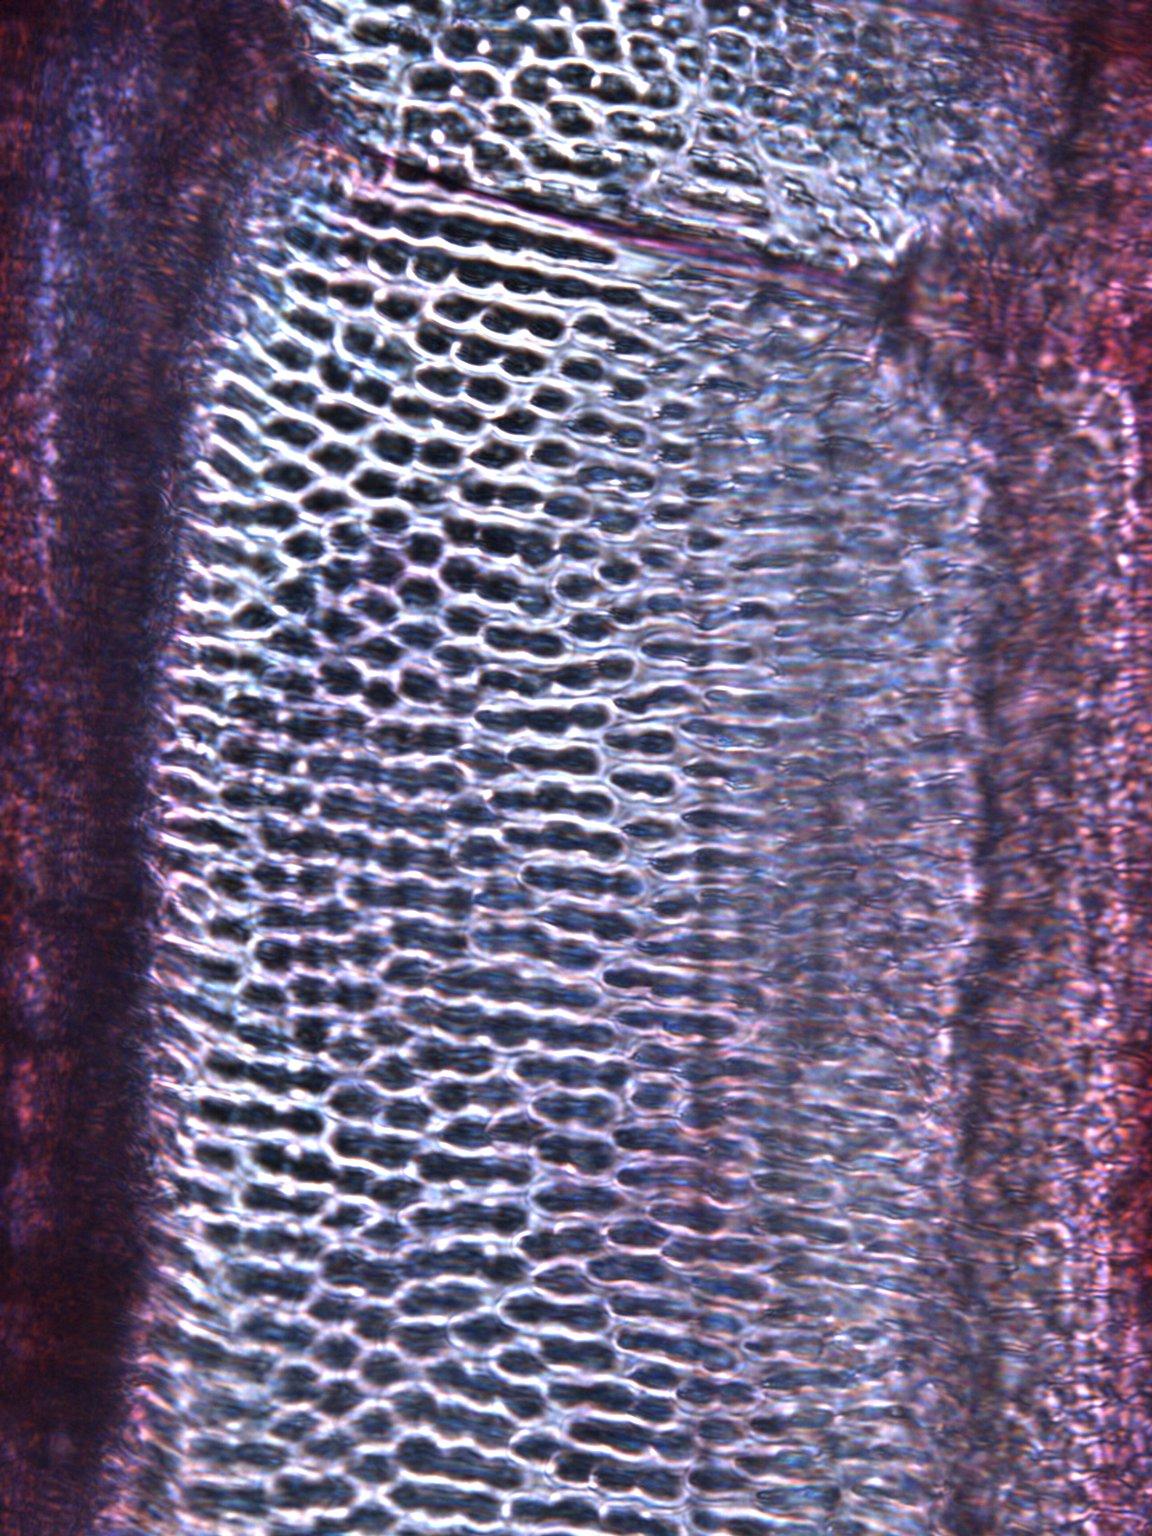 BIGNONIACEAE Pachyptera kerere